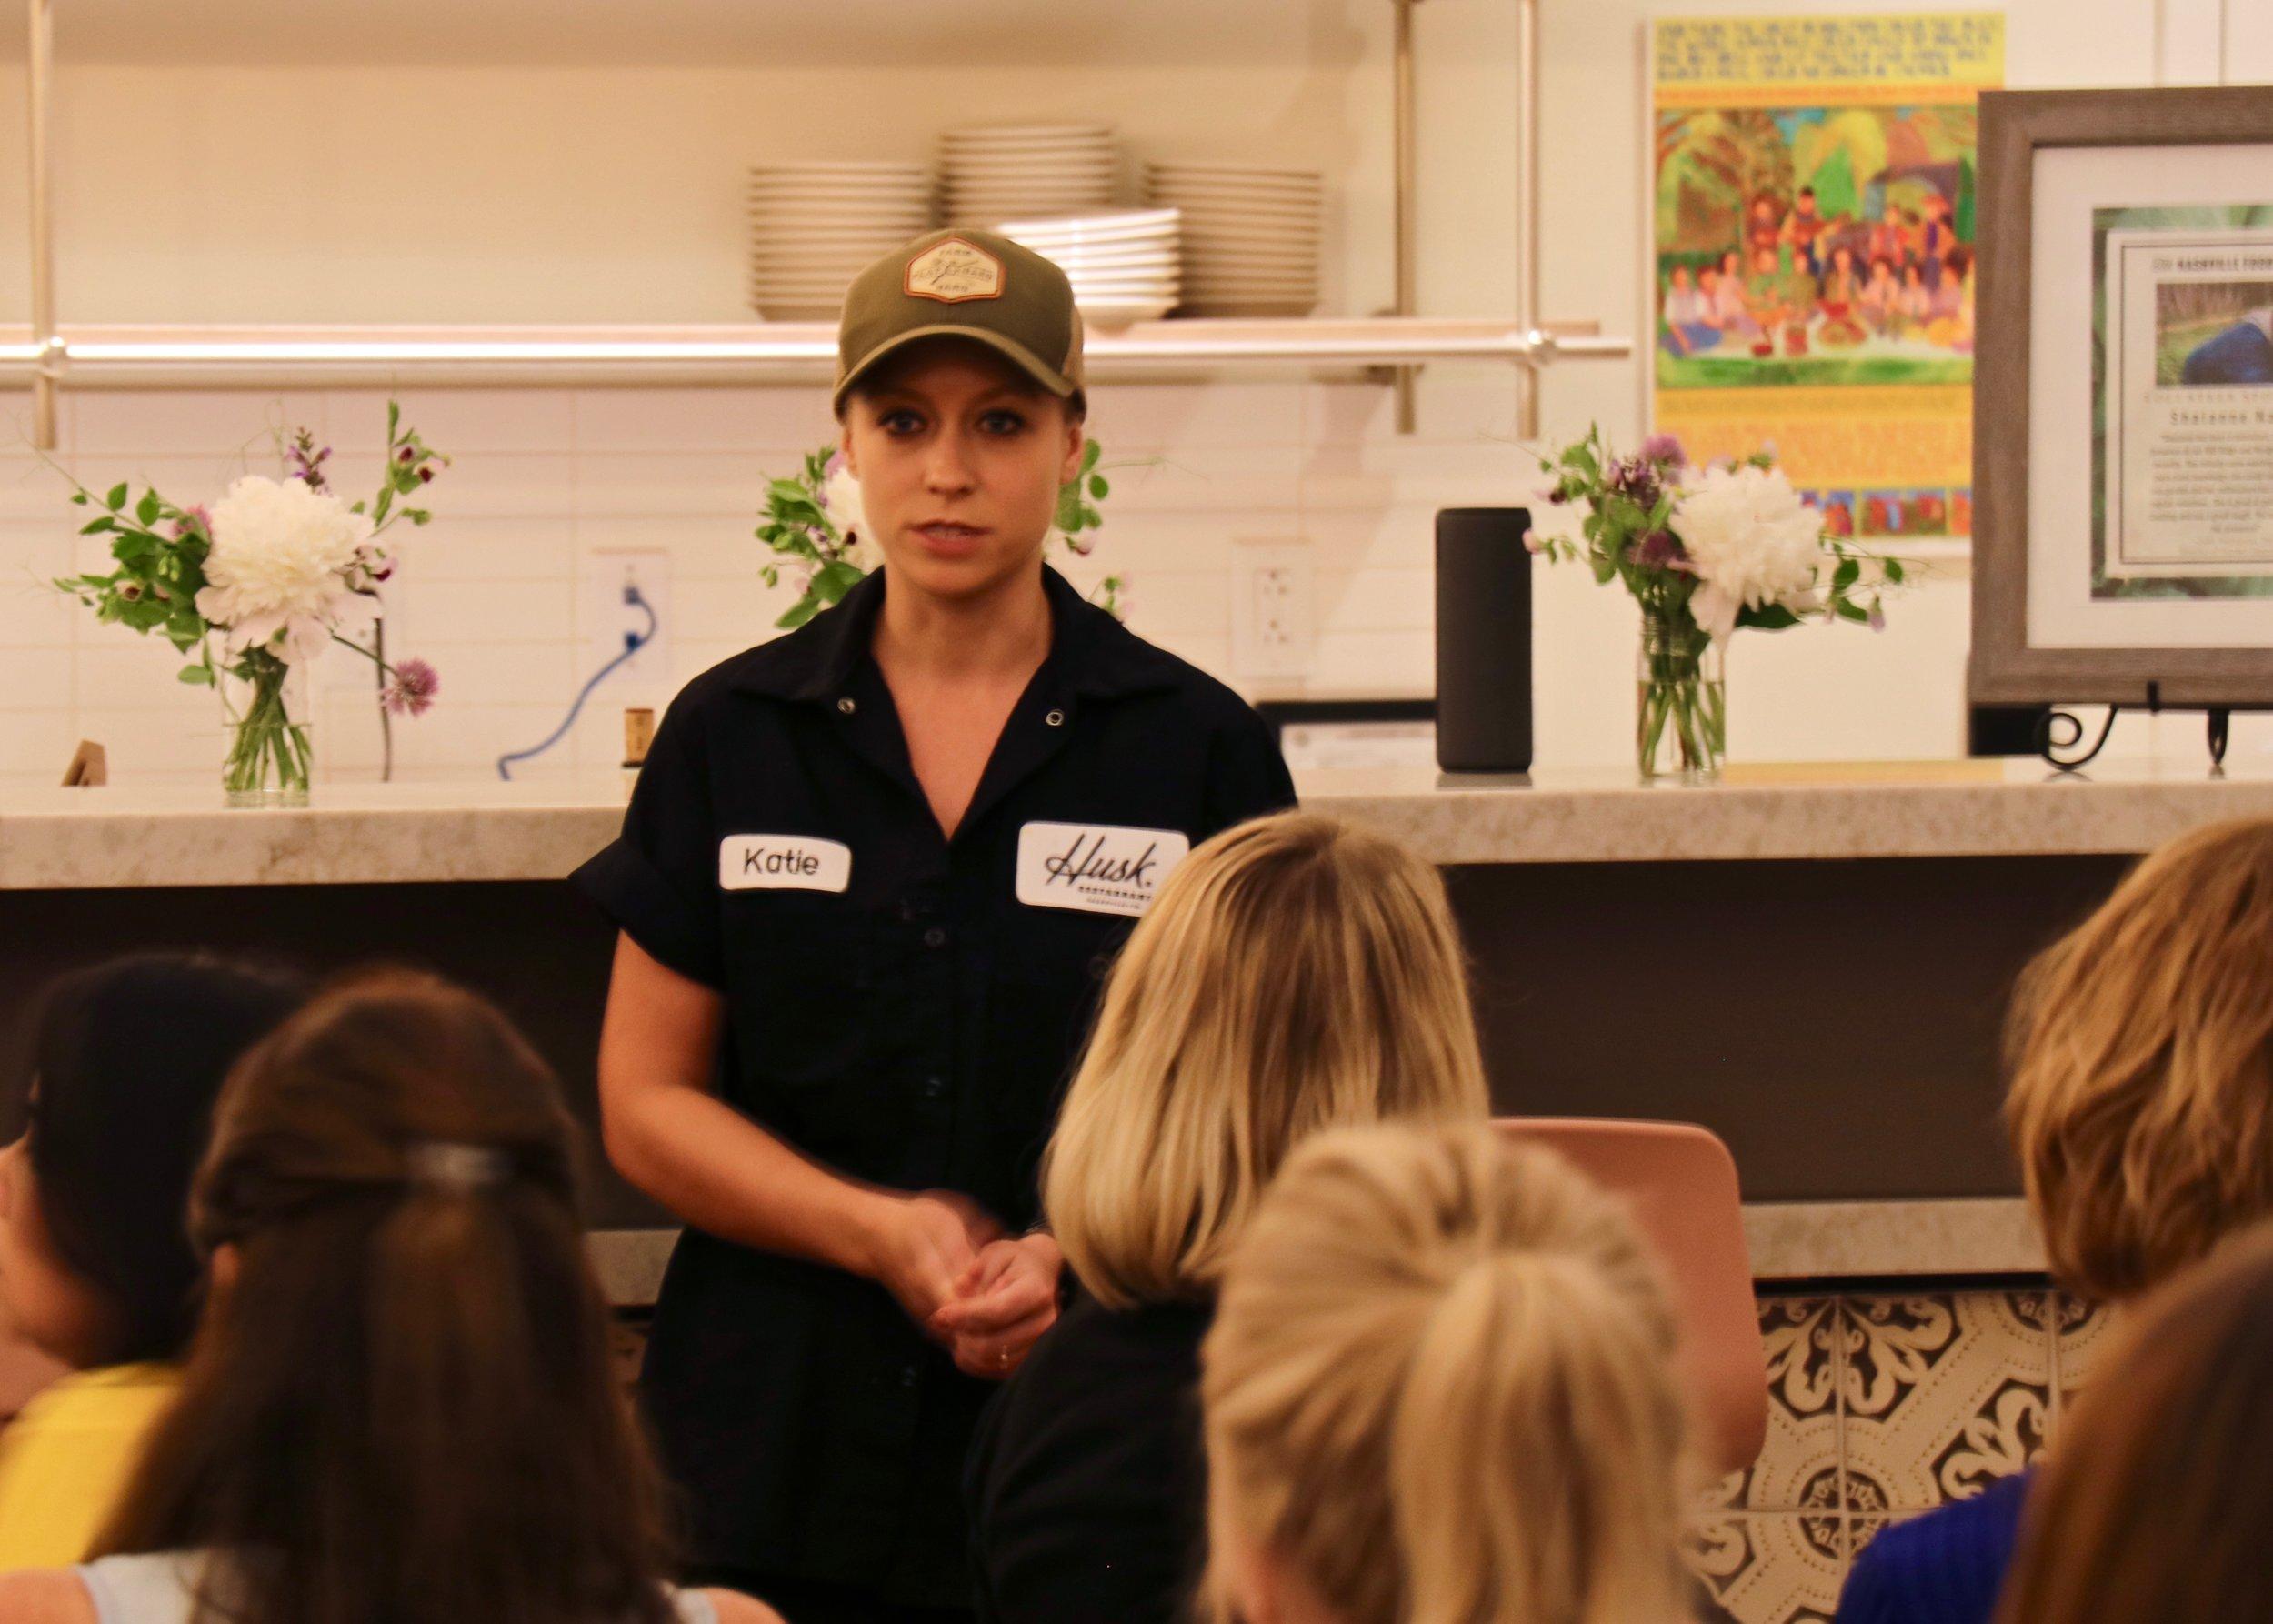 Chef Katie Coss